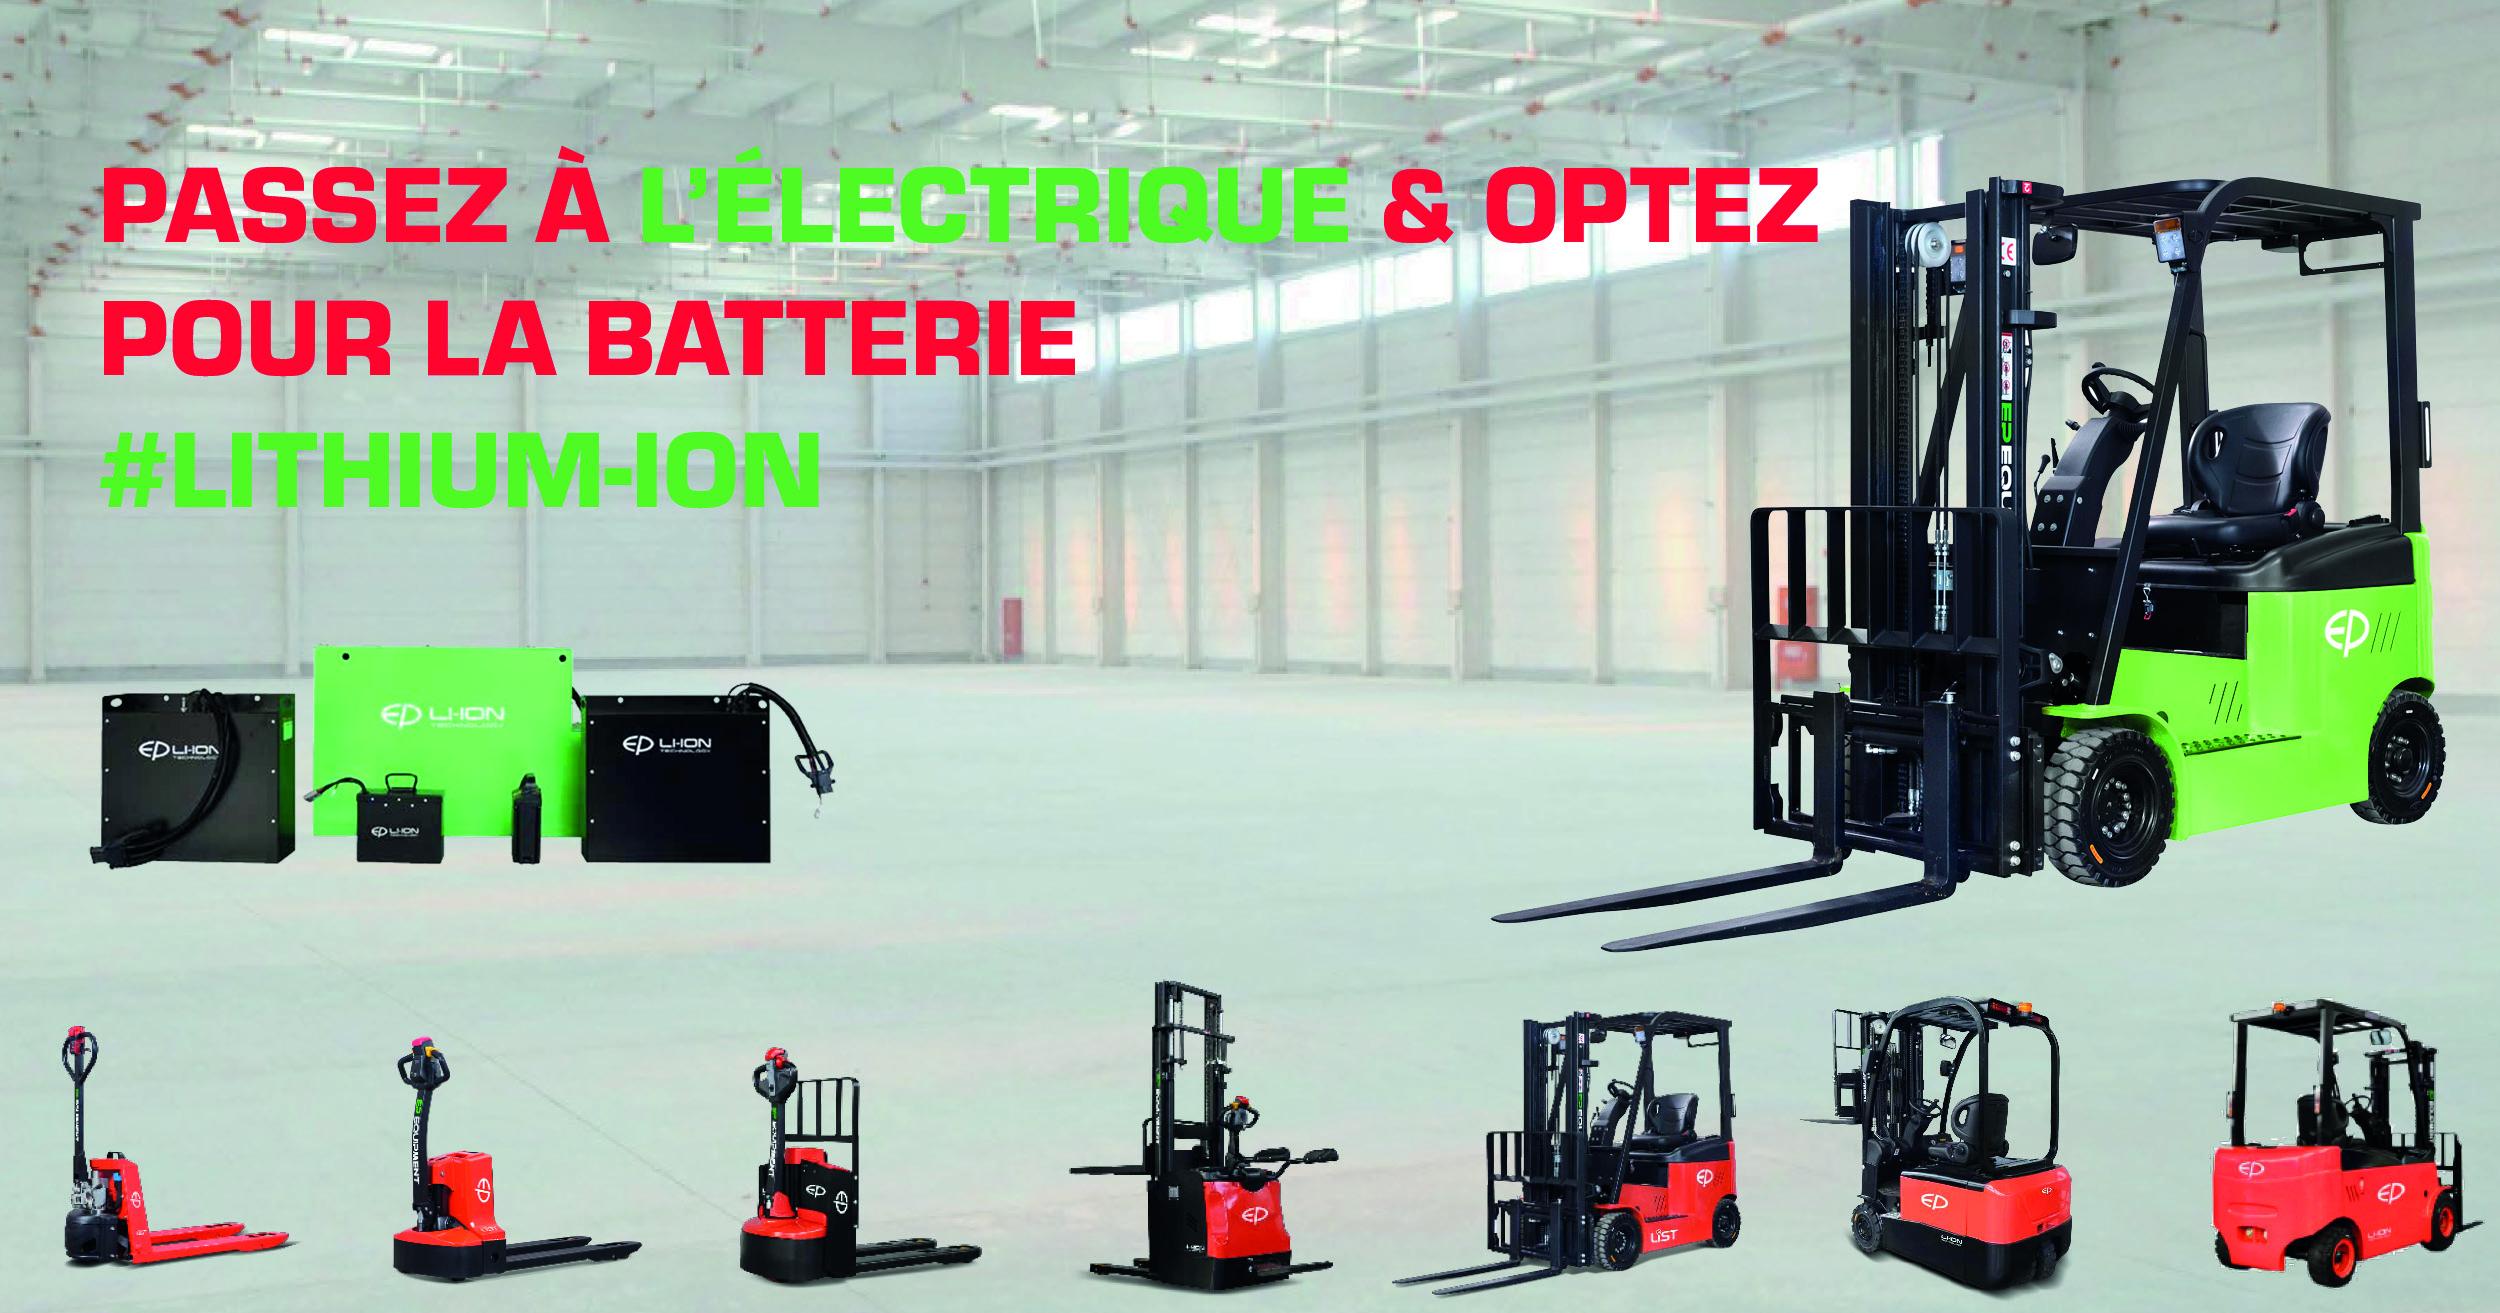 Passez à l'électrique & optez pour la batterie Lithium-Ion